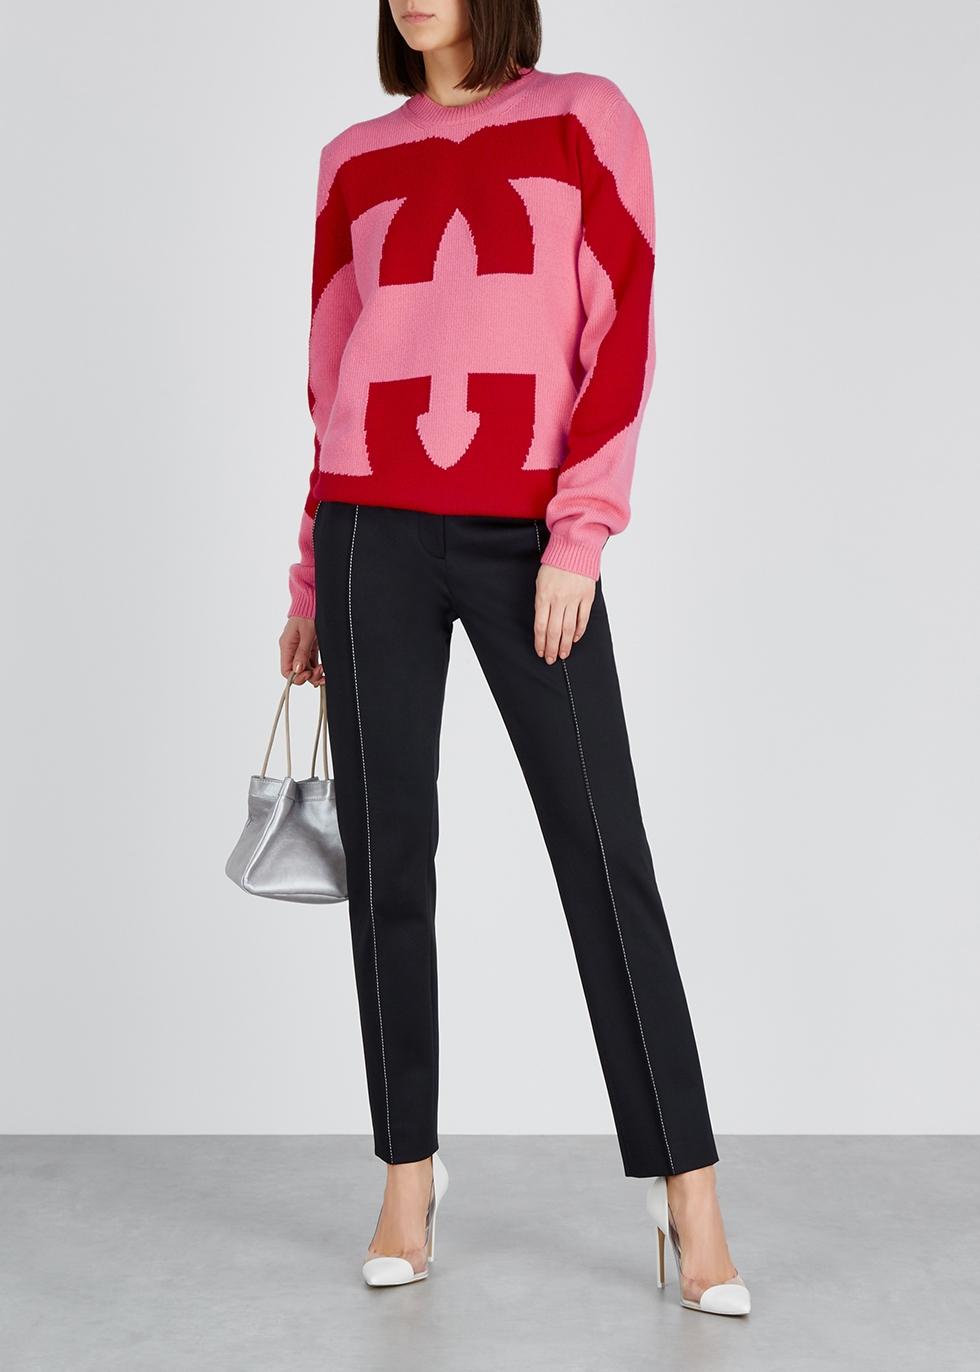 25da6a0185f Gucci - Designer Clothes - Harvey Nichols